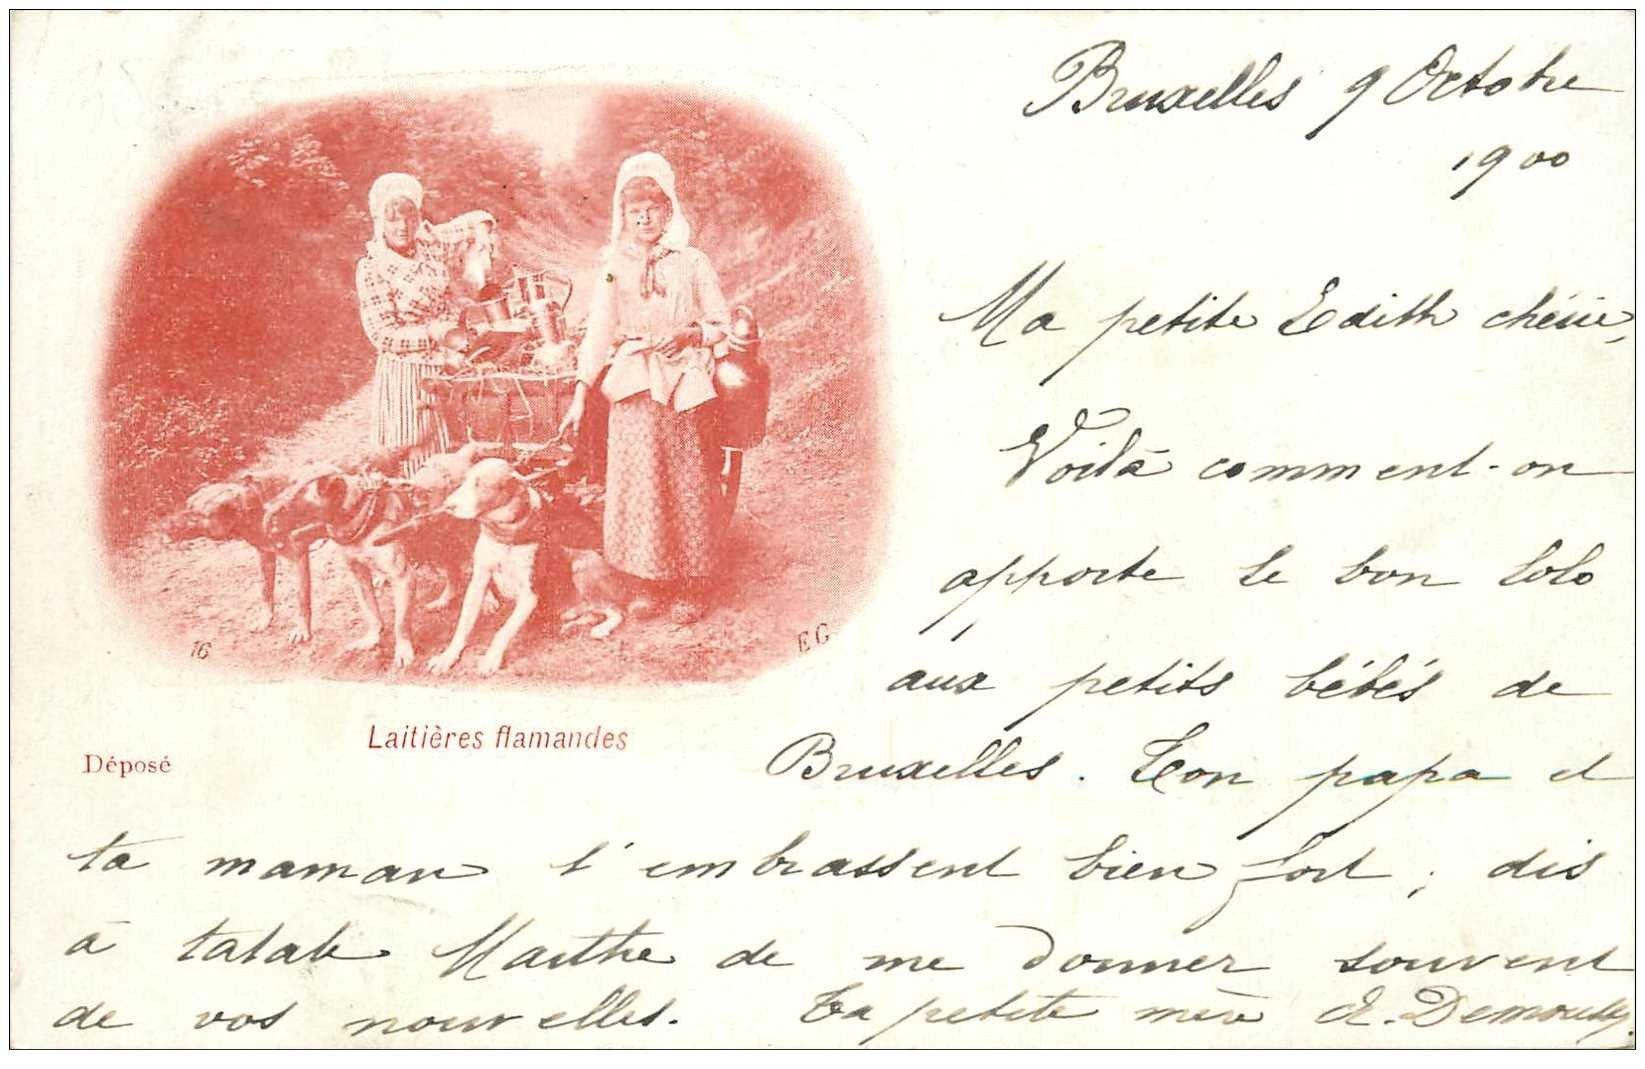 carte postale ancienne Belgique. BRUXELLES 1900. Attelage de Chiens pour Laitières Flamandes 1900